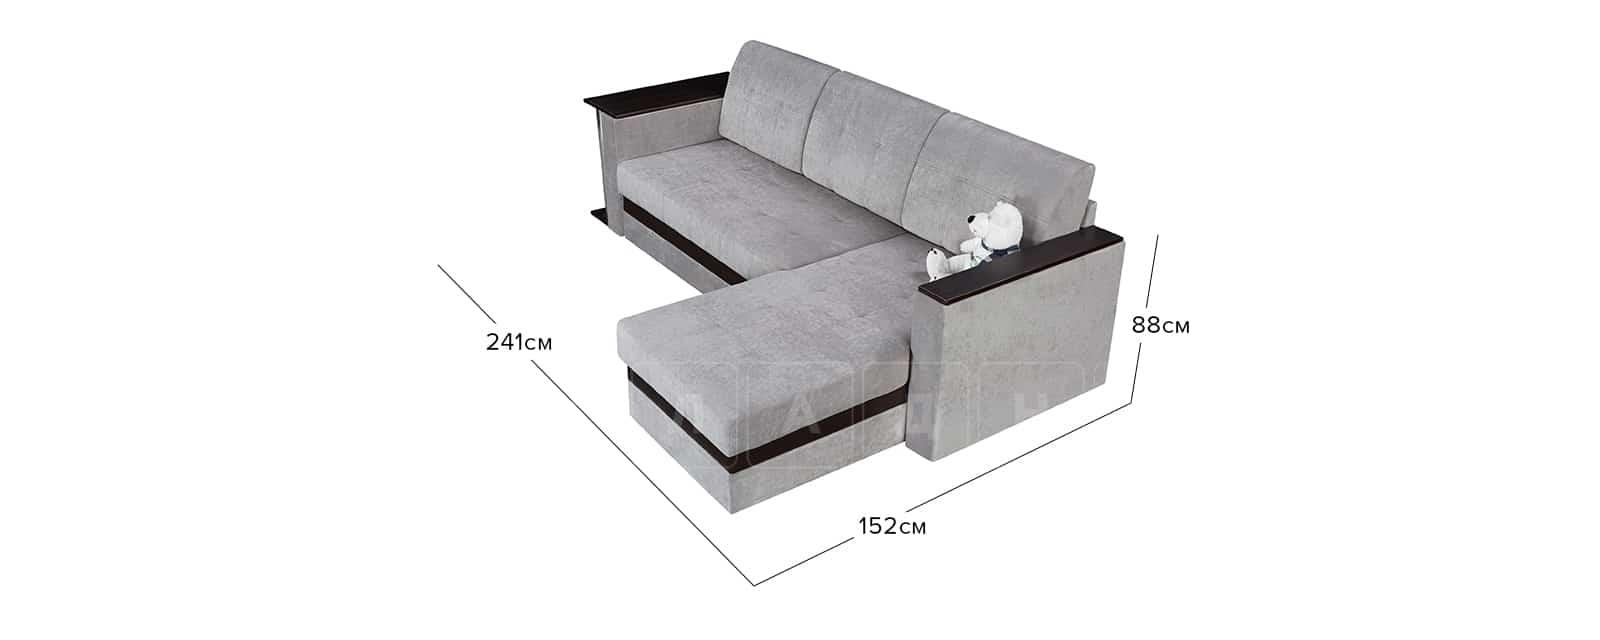 Угловой диван Атланта велюр светло-серый фото 10 | интернет-магазин Складно